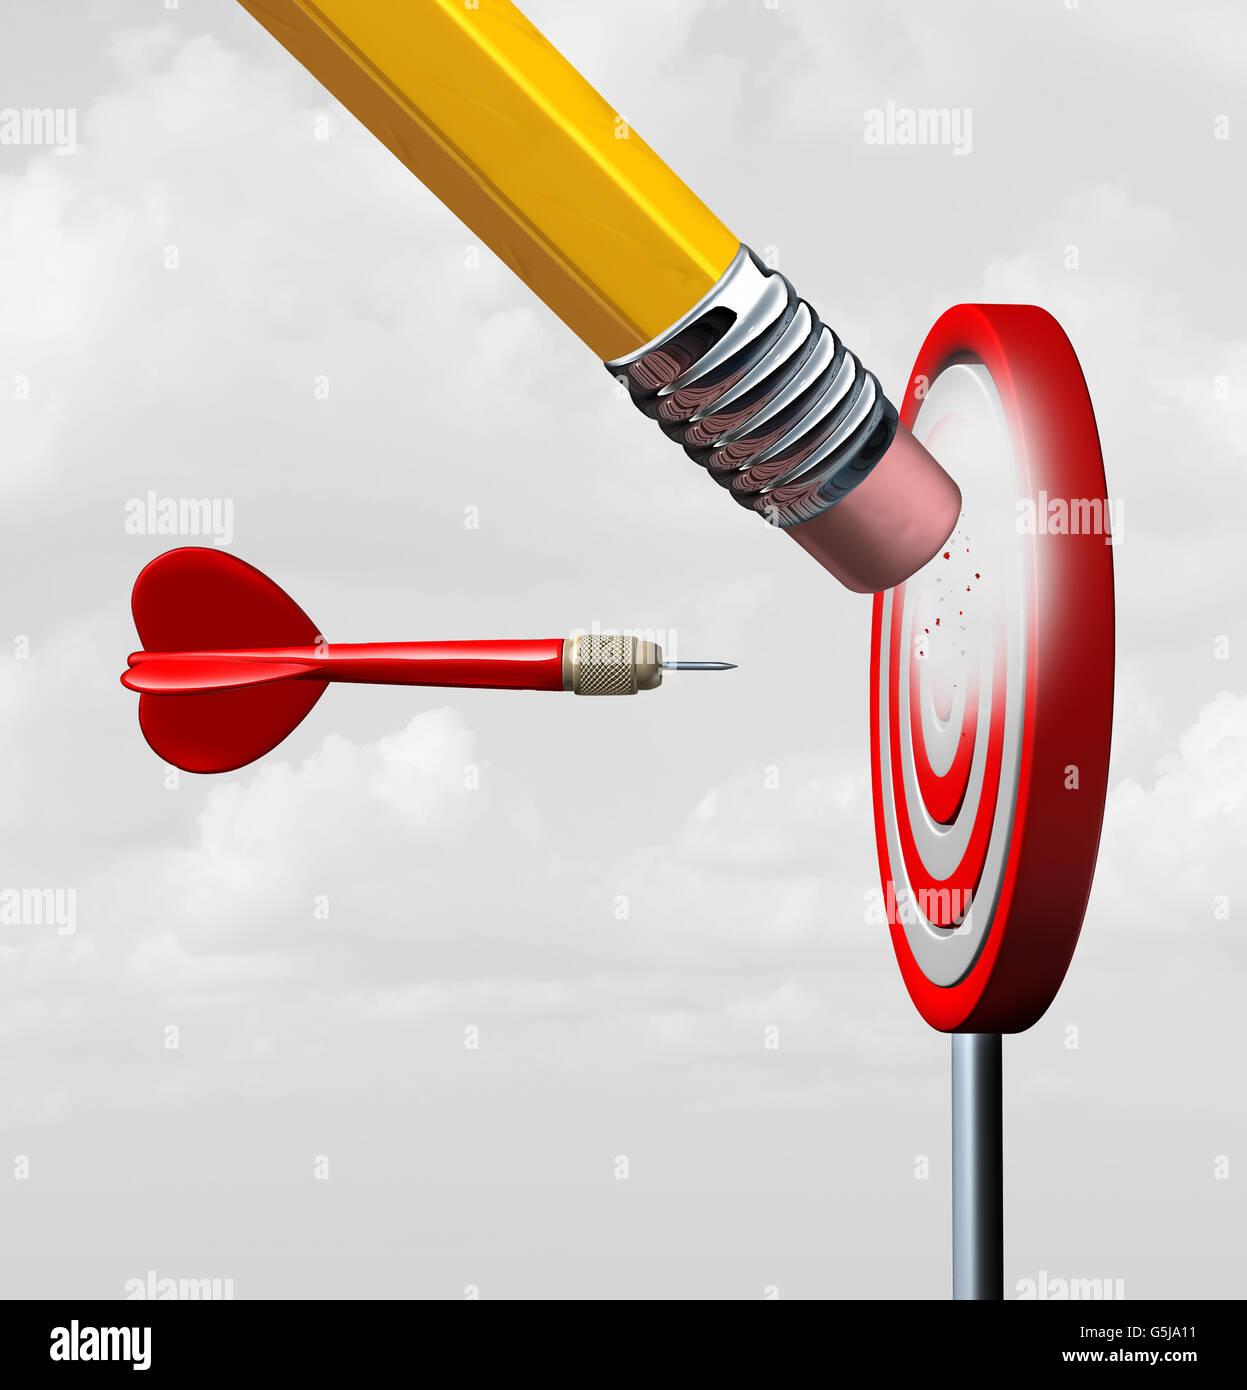 Business perdita di mercato e perdere la messa a fuoco con cambiamento di settore come una freccetta rossa verso Immagini Stock